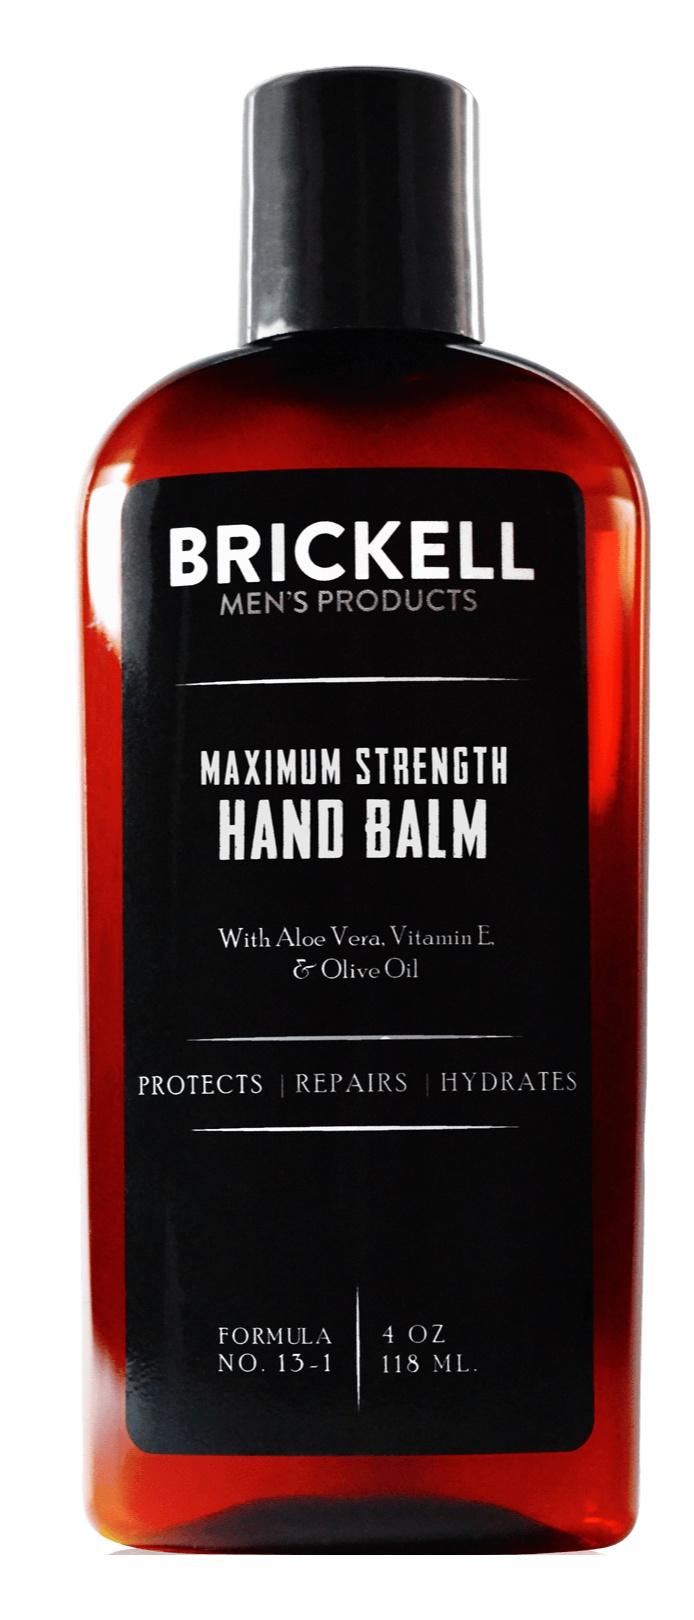 Brickell Maximum Strength Hand Balm